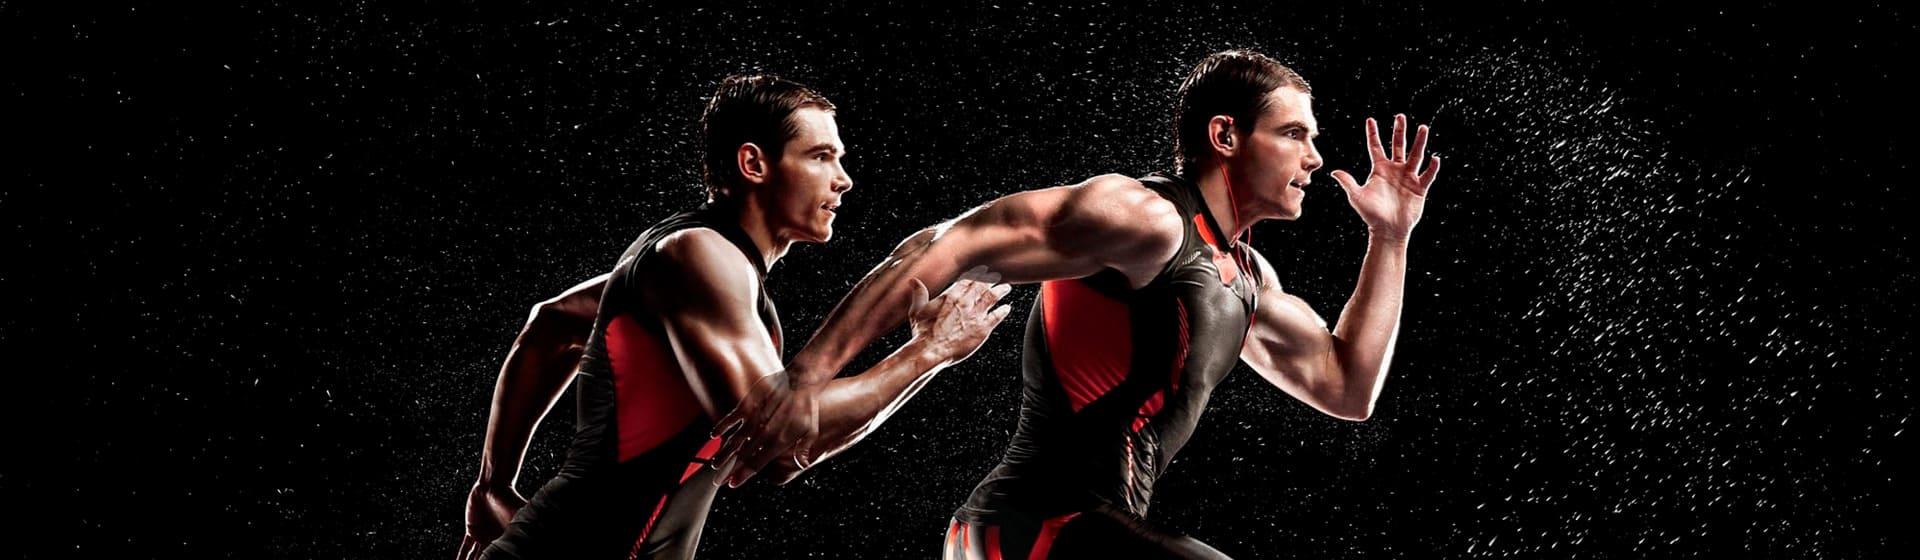 Спорт - Чехлы iPhone 8